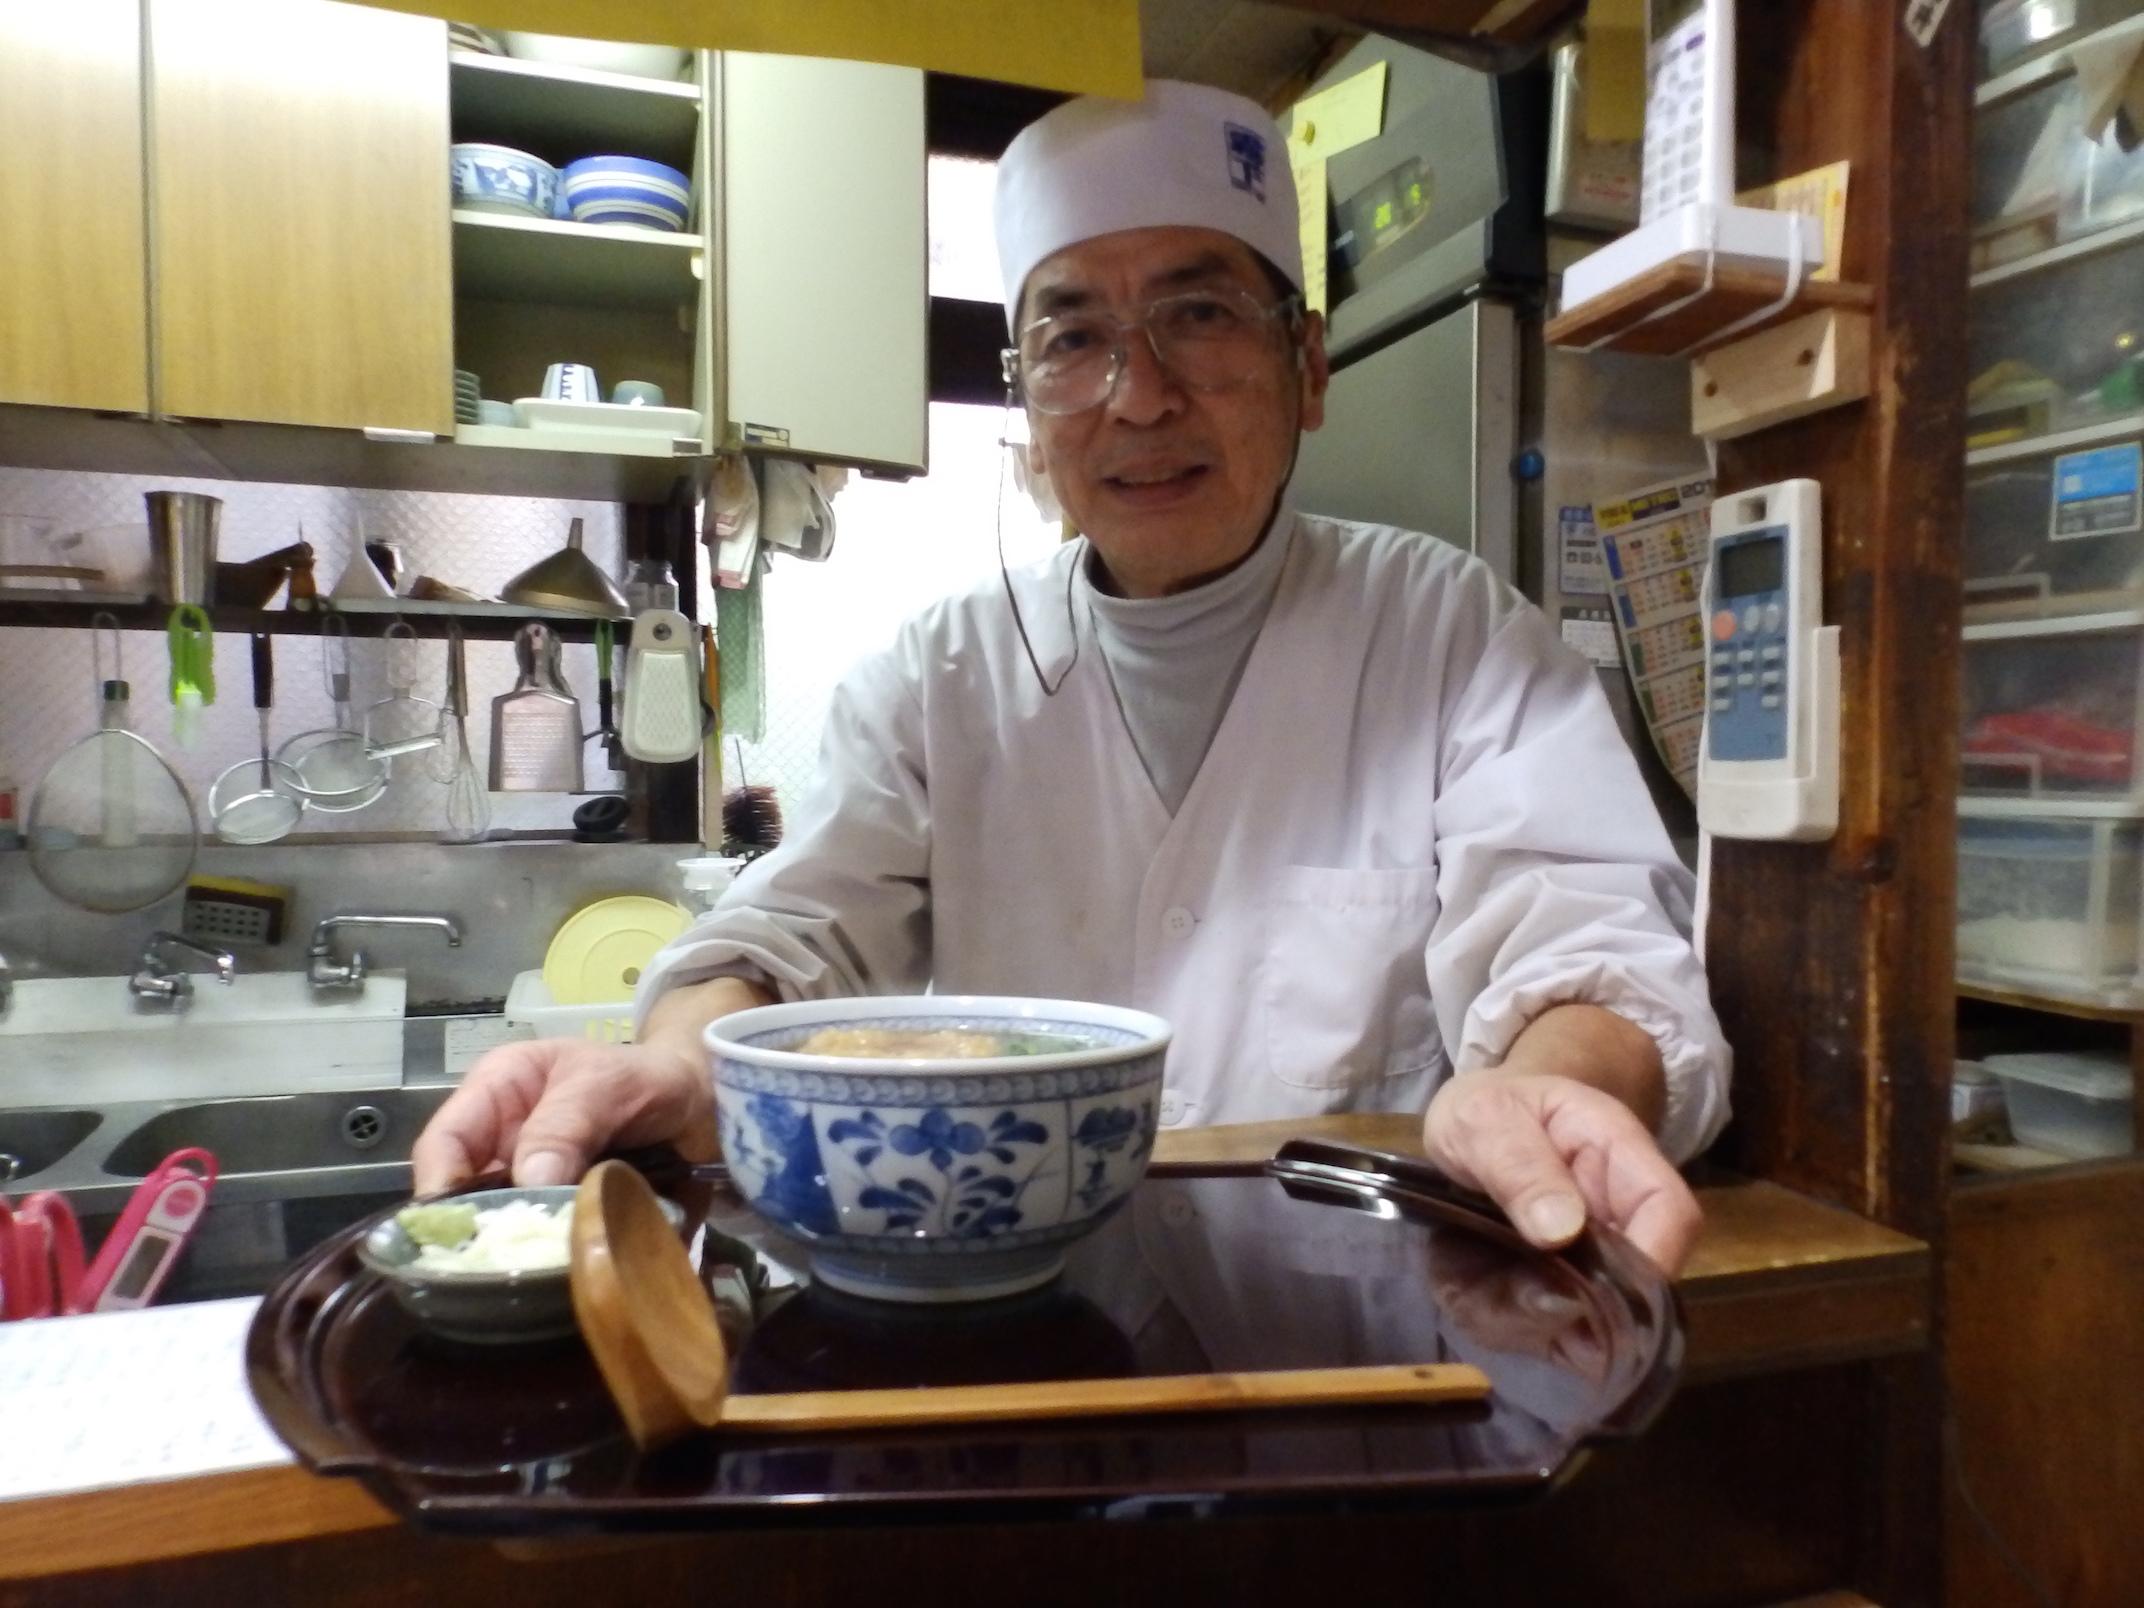 元祖直伝 - 南千住のソウルフード「にくまん」を継承する蕎麦処「いし井」